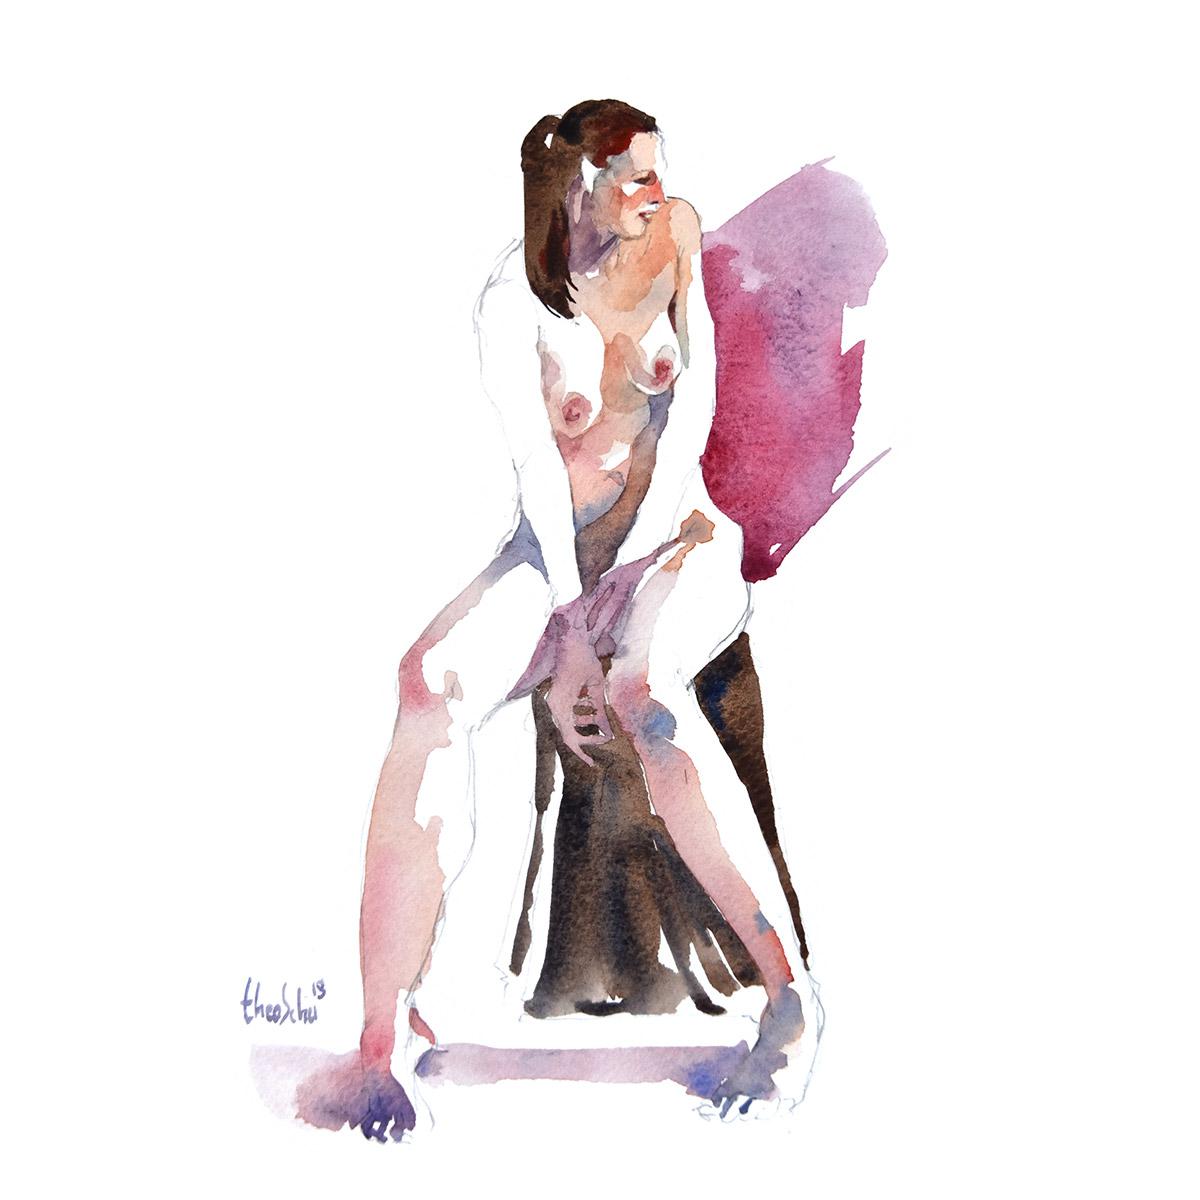 Modèle nue - Art models book